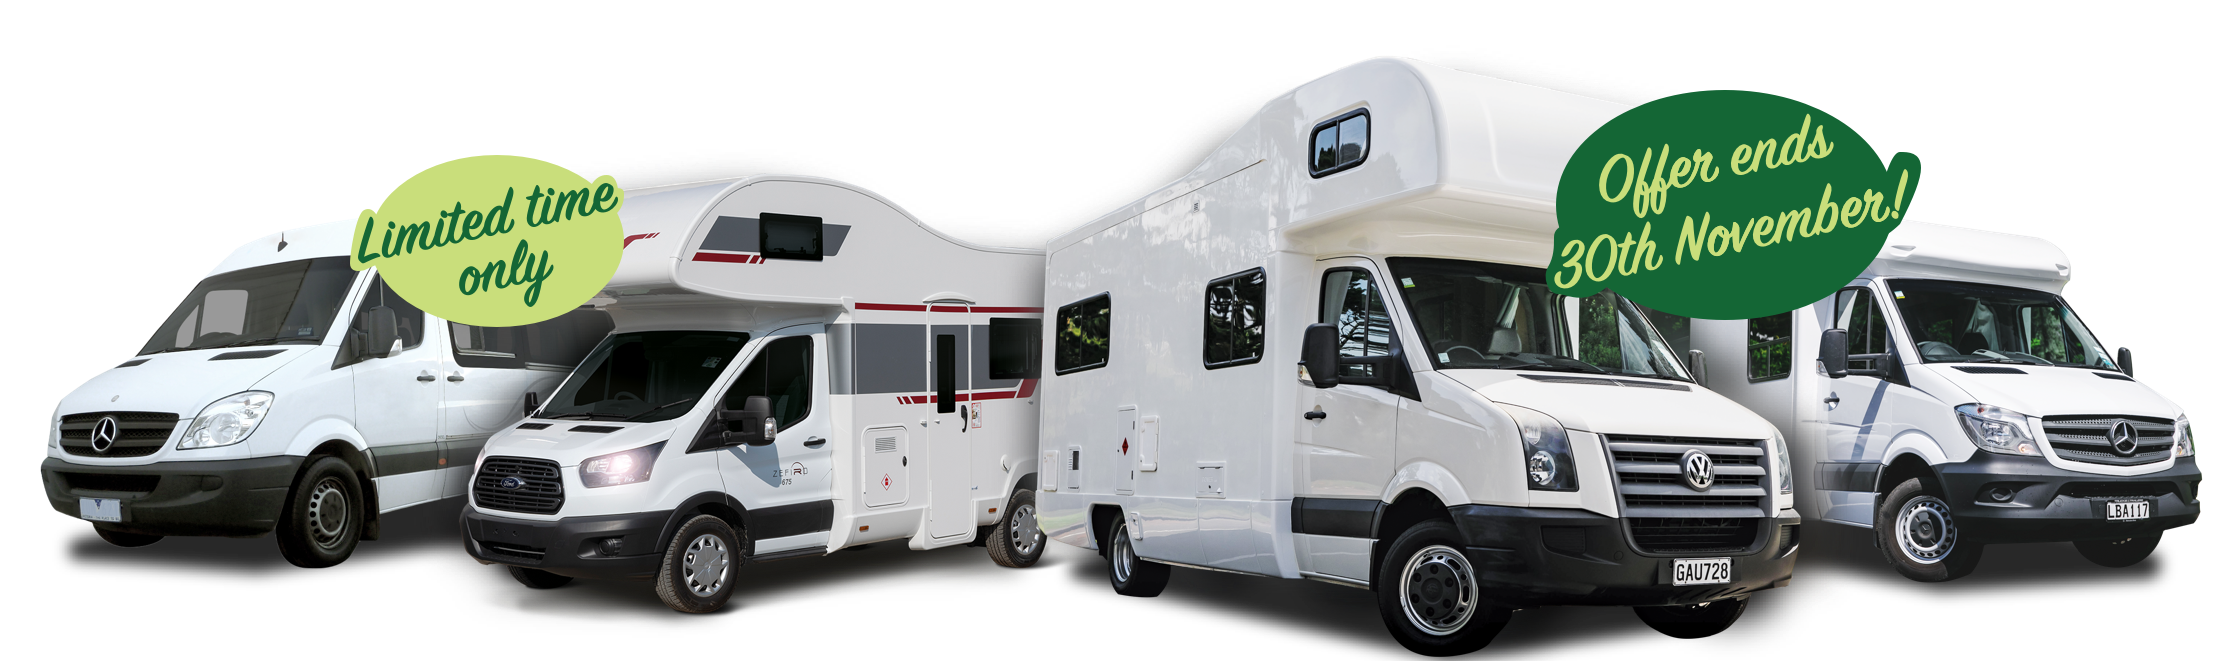 GNMS Hero clearcut campervans